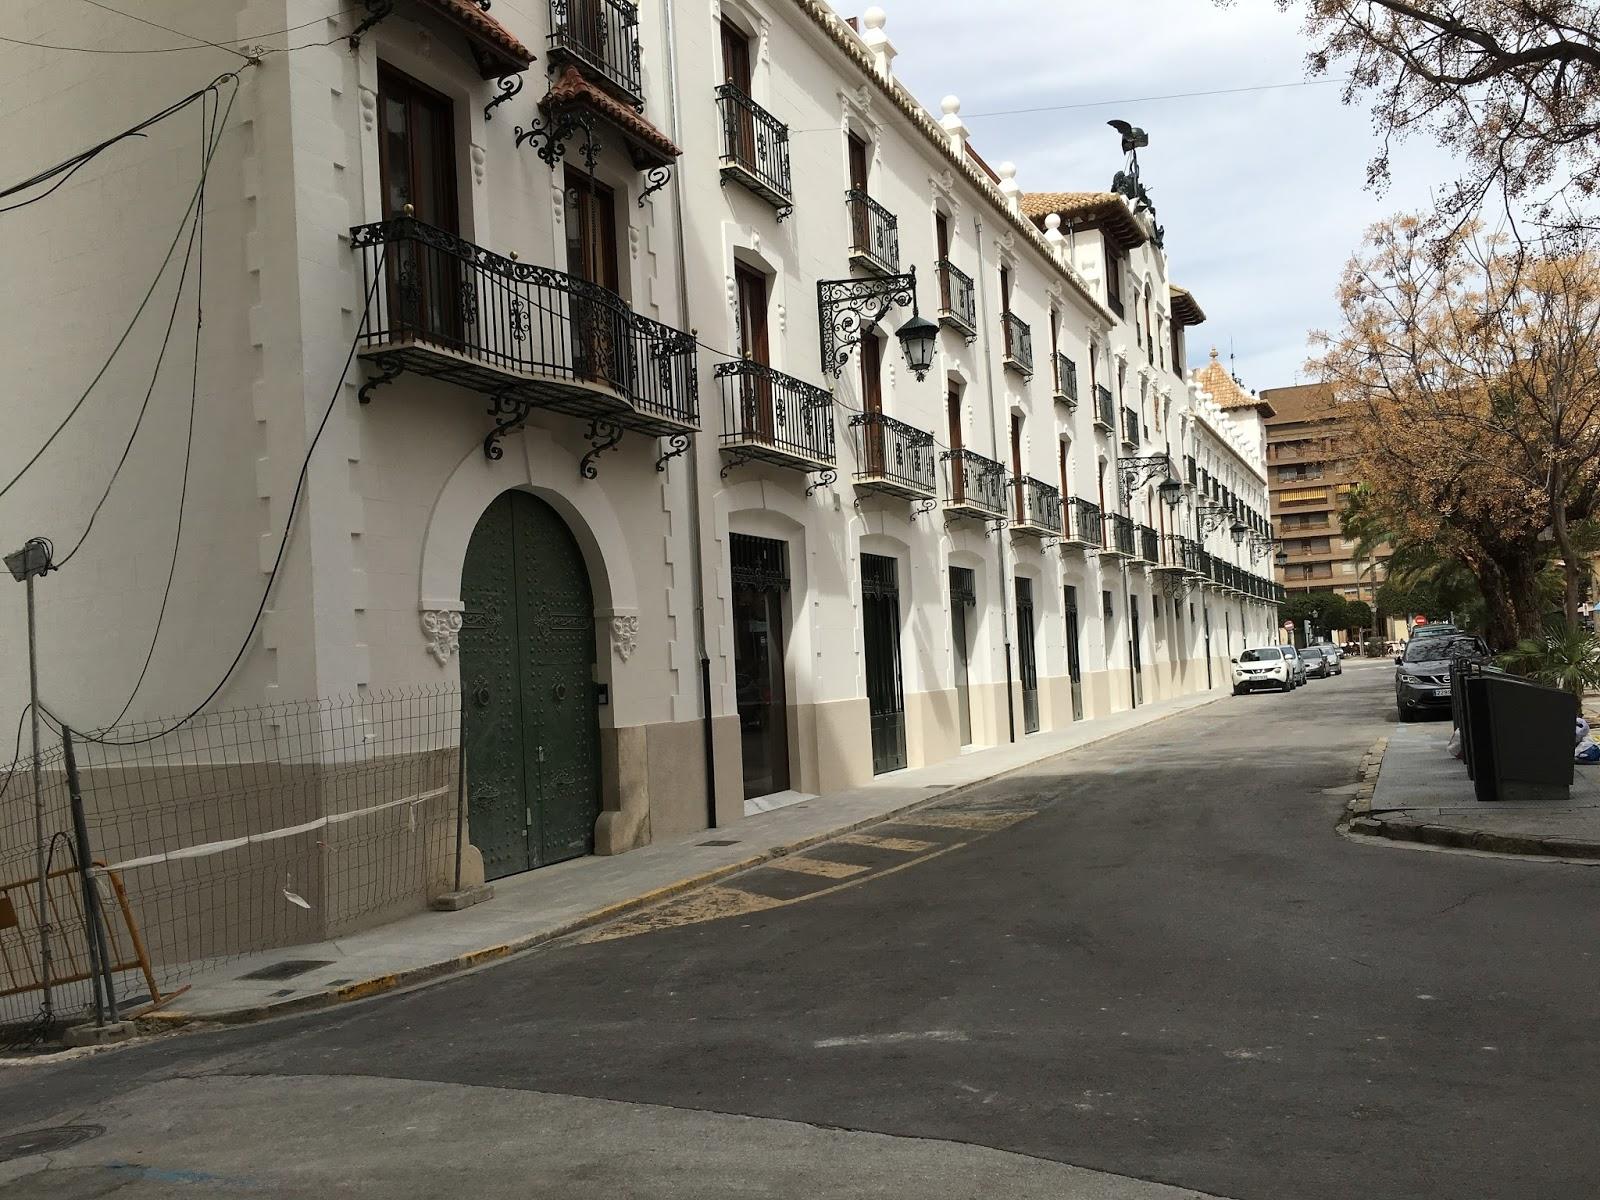 Retiran Las Vallas Del Nuevo Edificio Paduana De Ontinyent Agente